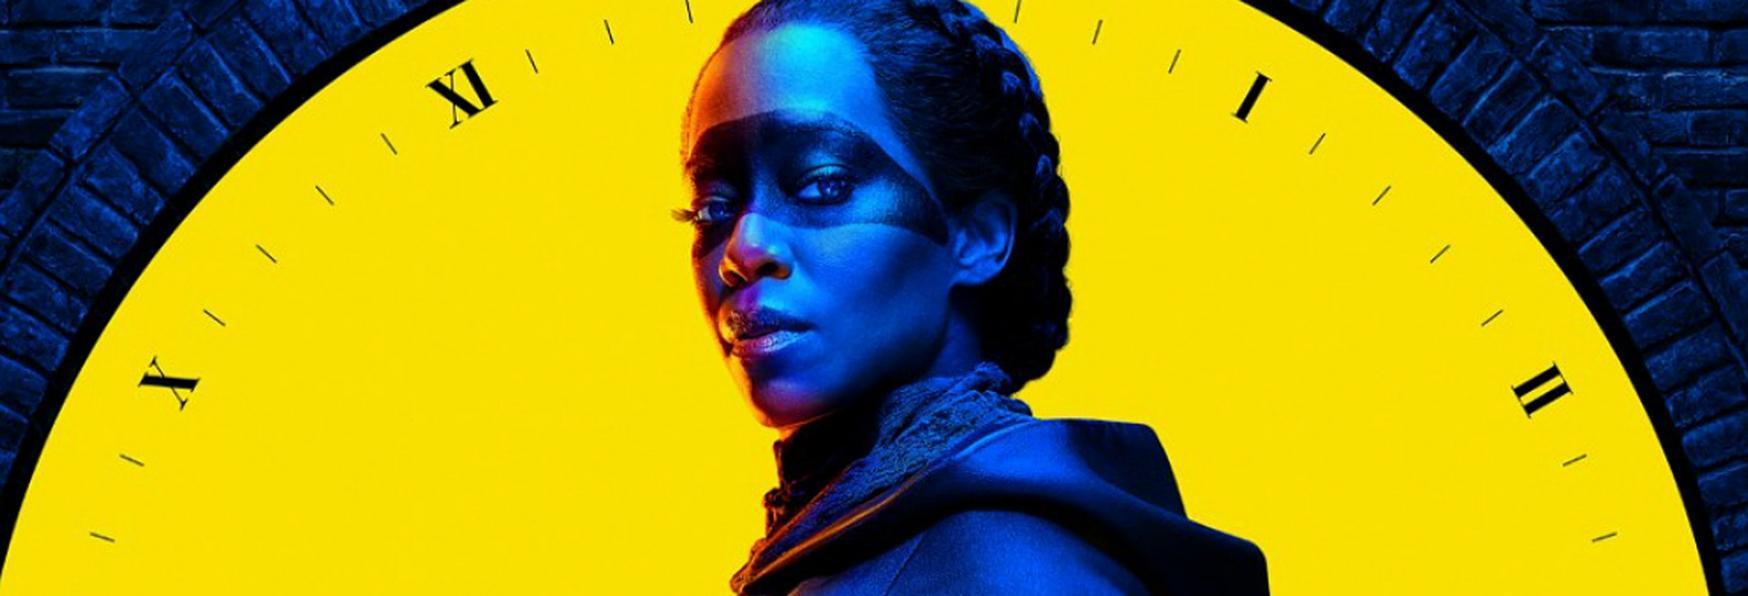 Watchmen 2: Damon Lindelof spiega perché non intende scrivere una nuova Stagione della Serie TV HBO